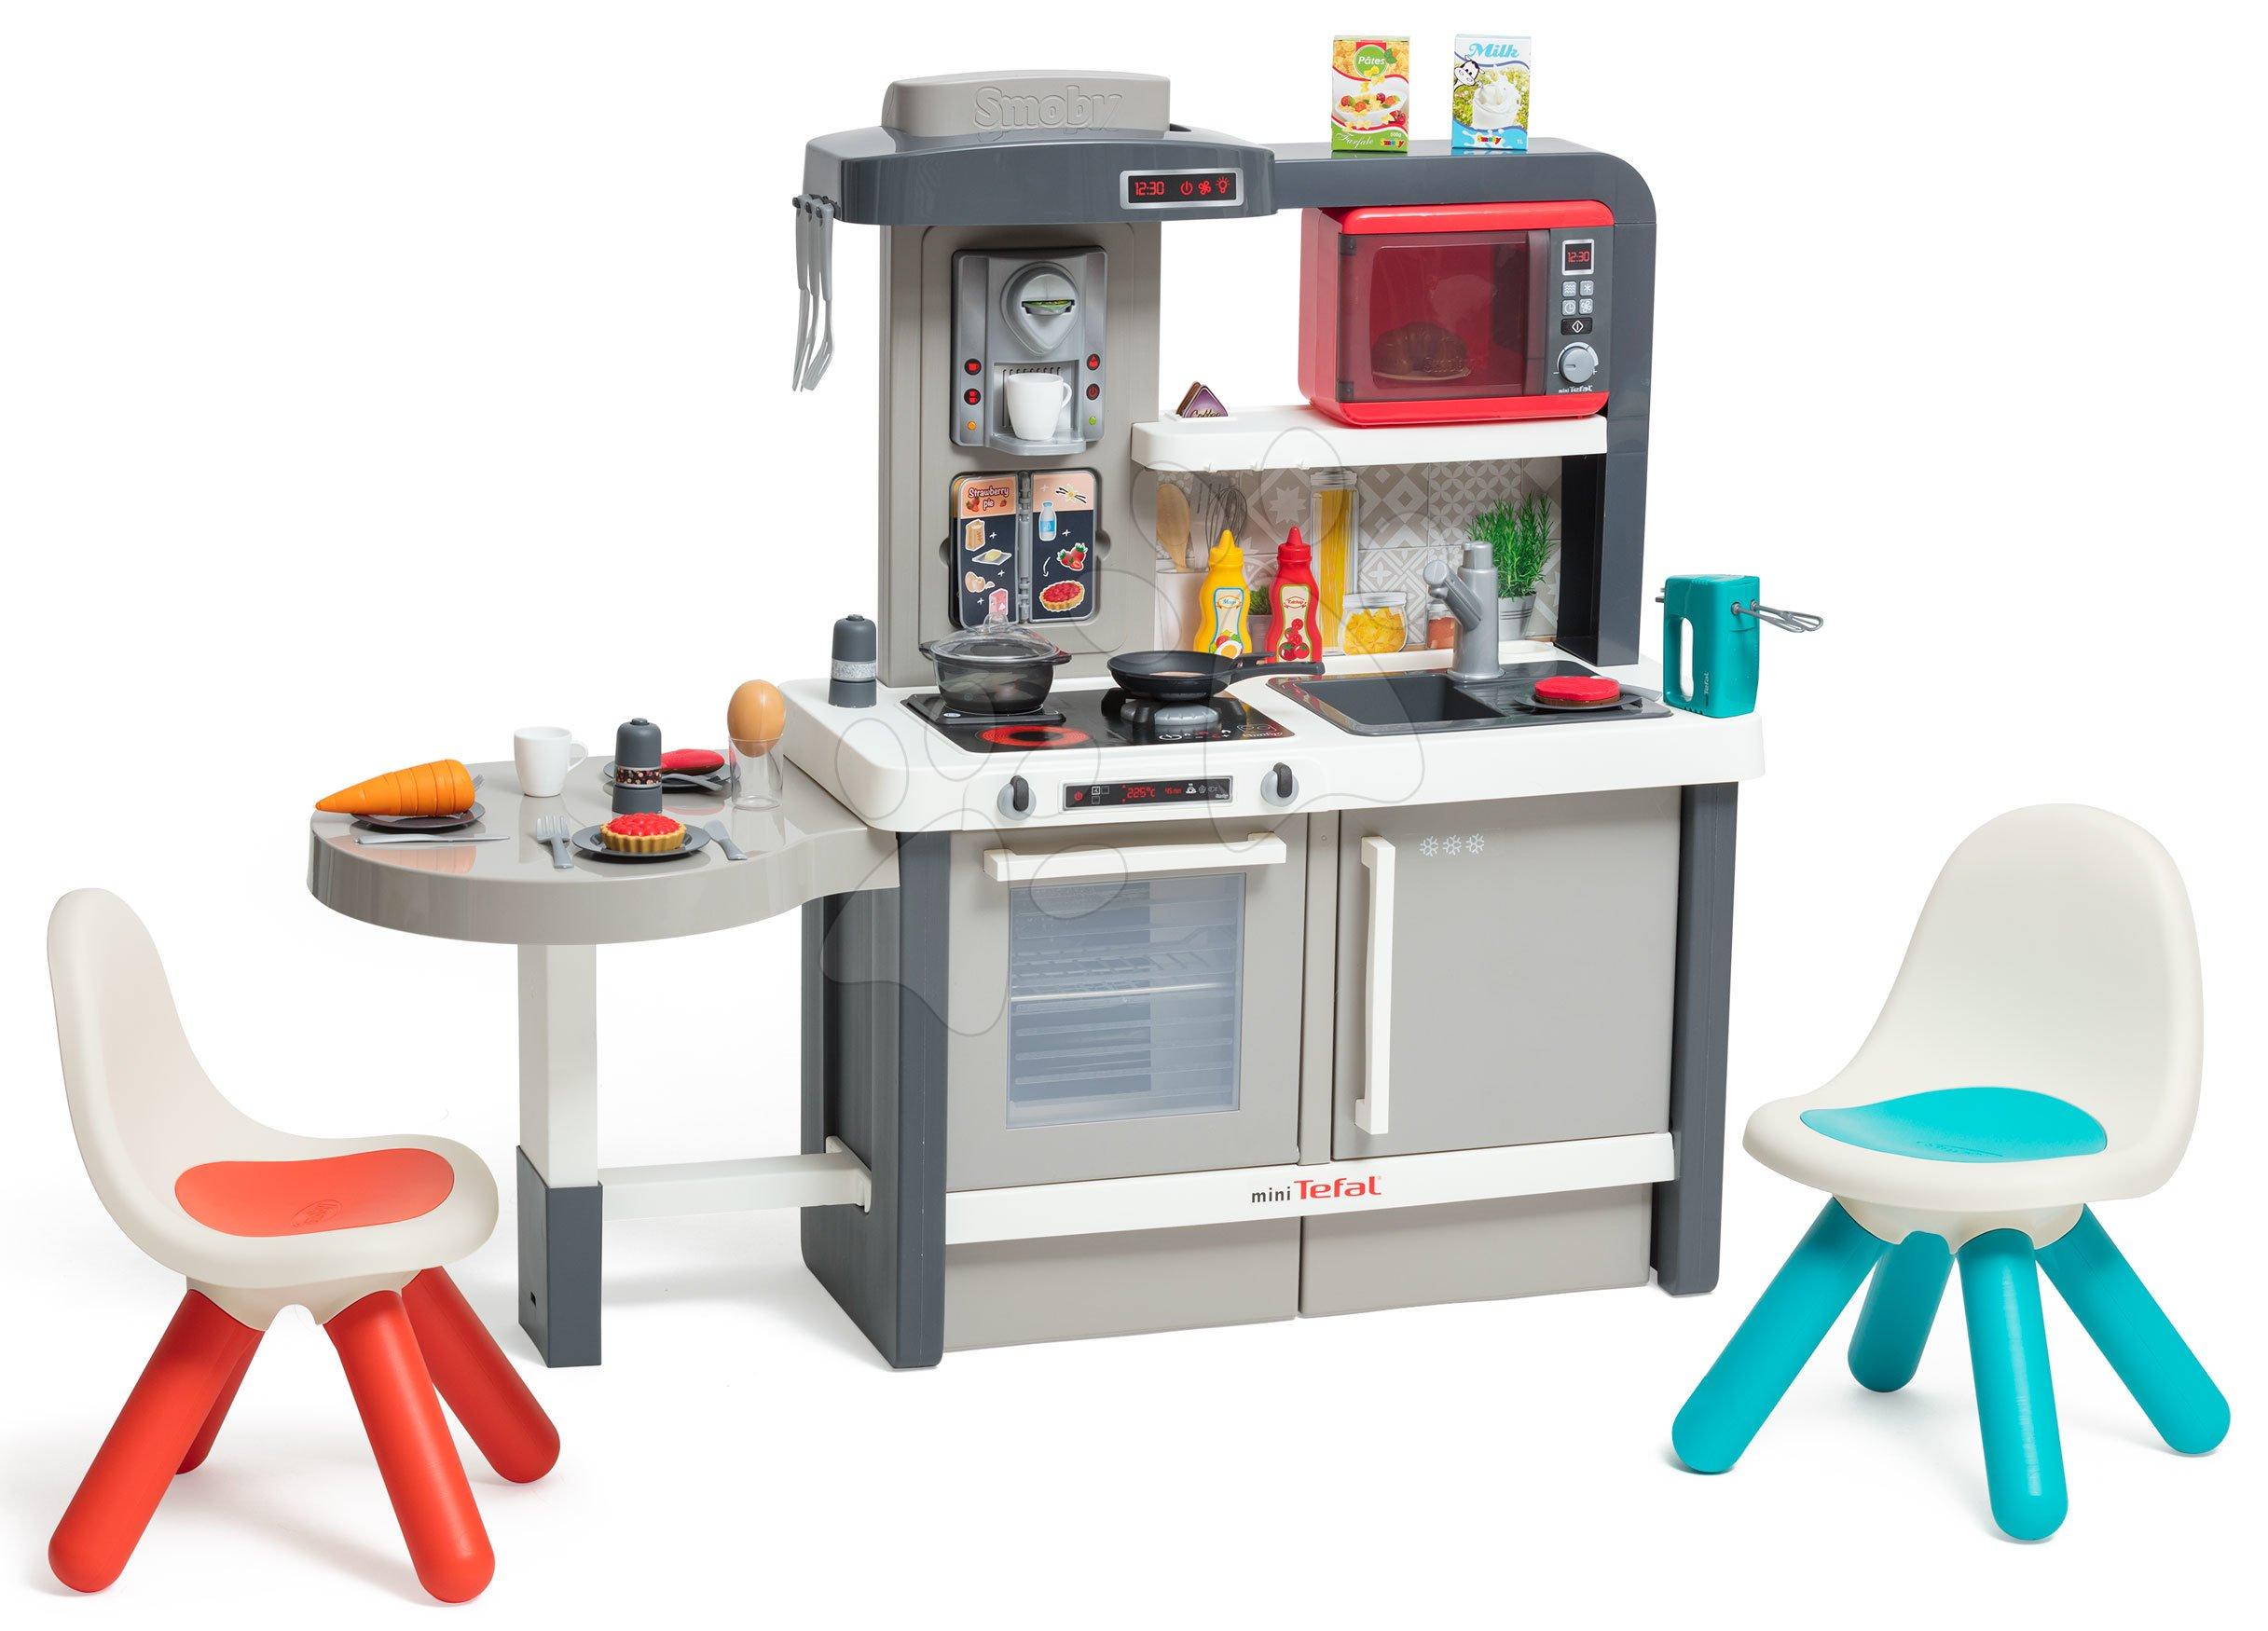 Elektronické kuchynky - Kuchynka rastúca s tečúcou vodou Tefal Evolutive Gourment Smoby so spotrebičmi a stoličkami